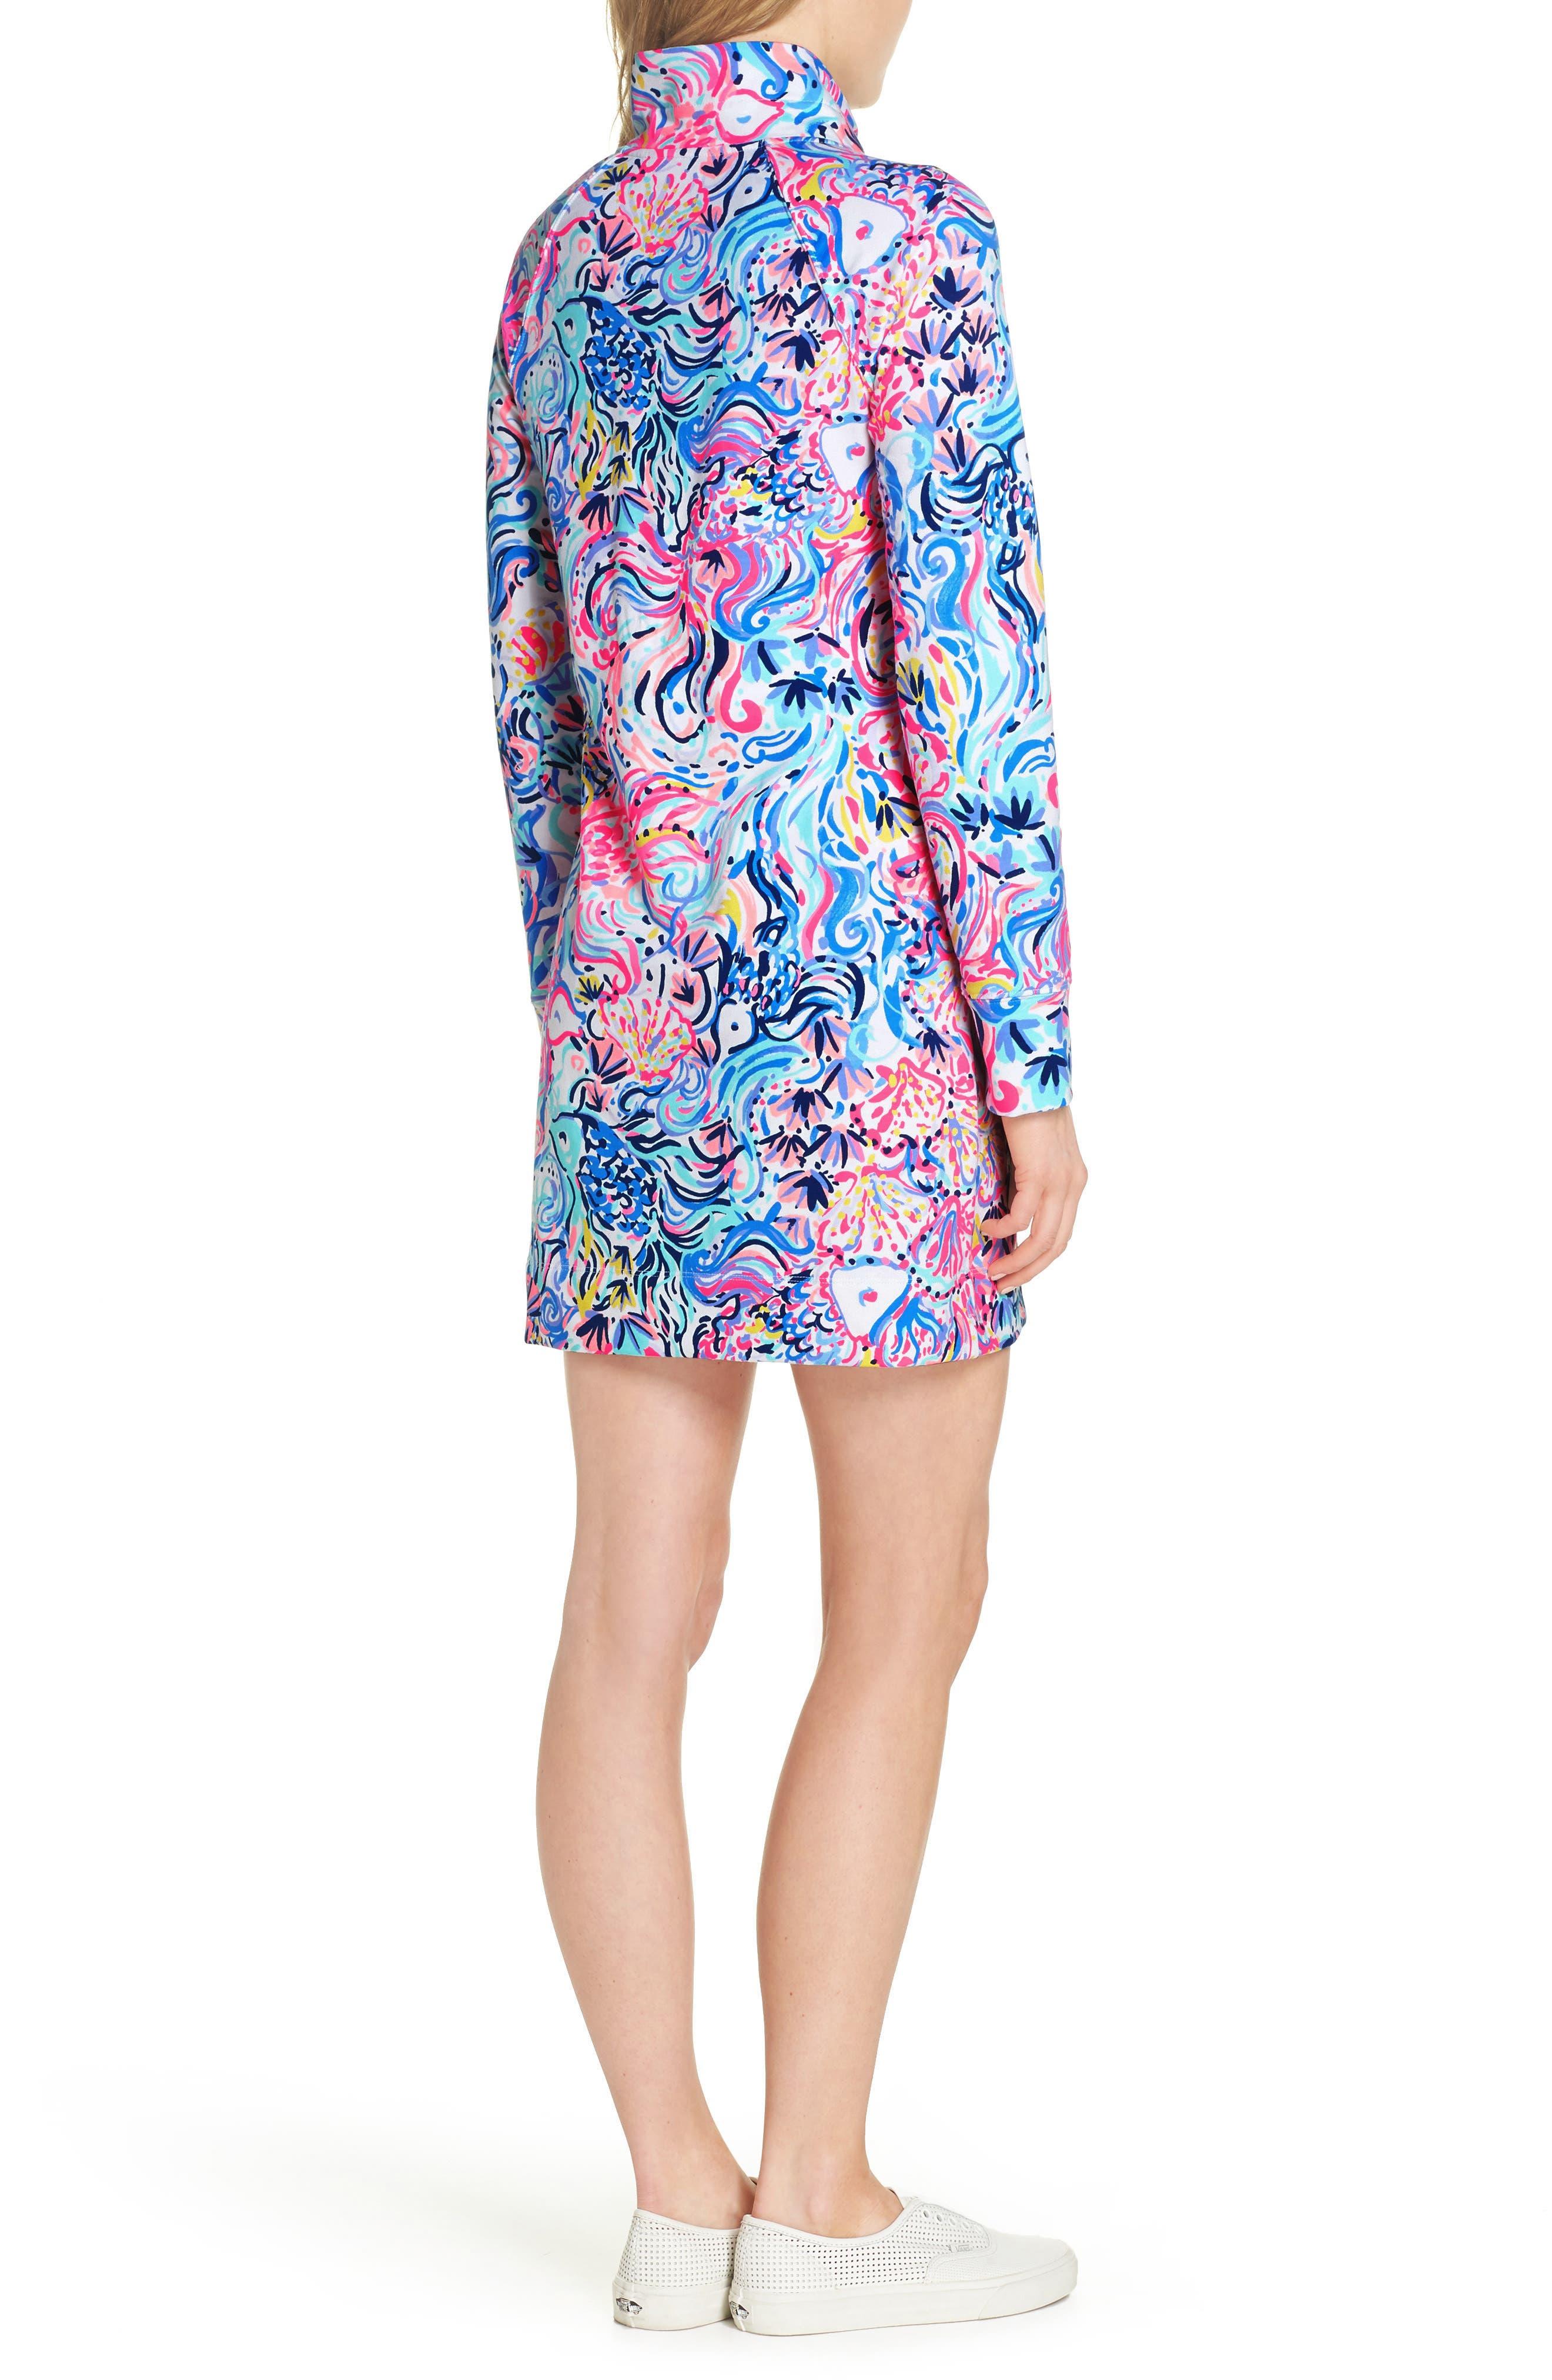 Skipper UPF 50+ Dress,                             Alternate thumbnail 2, color,                             MULTI SO SOPHISHTICATED